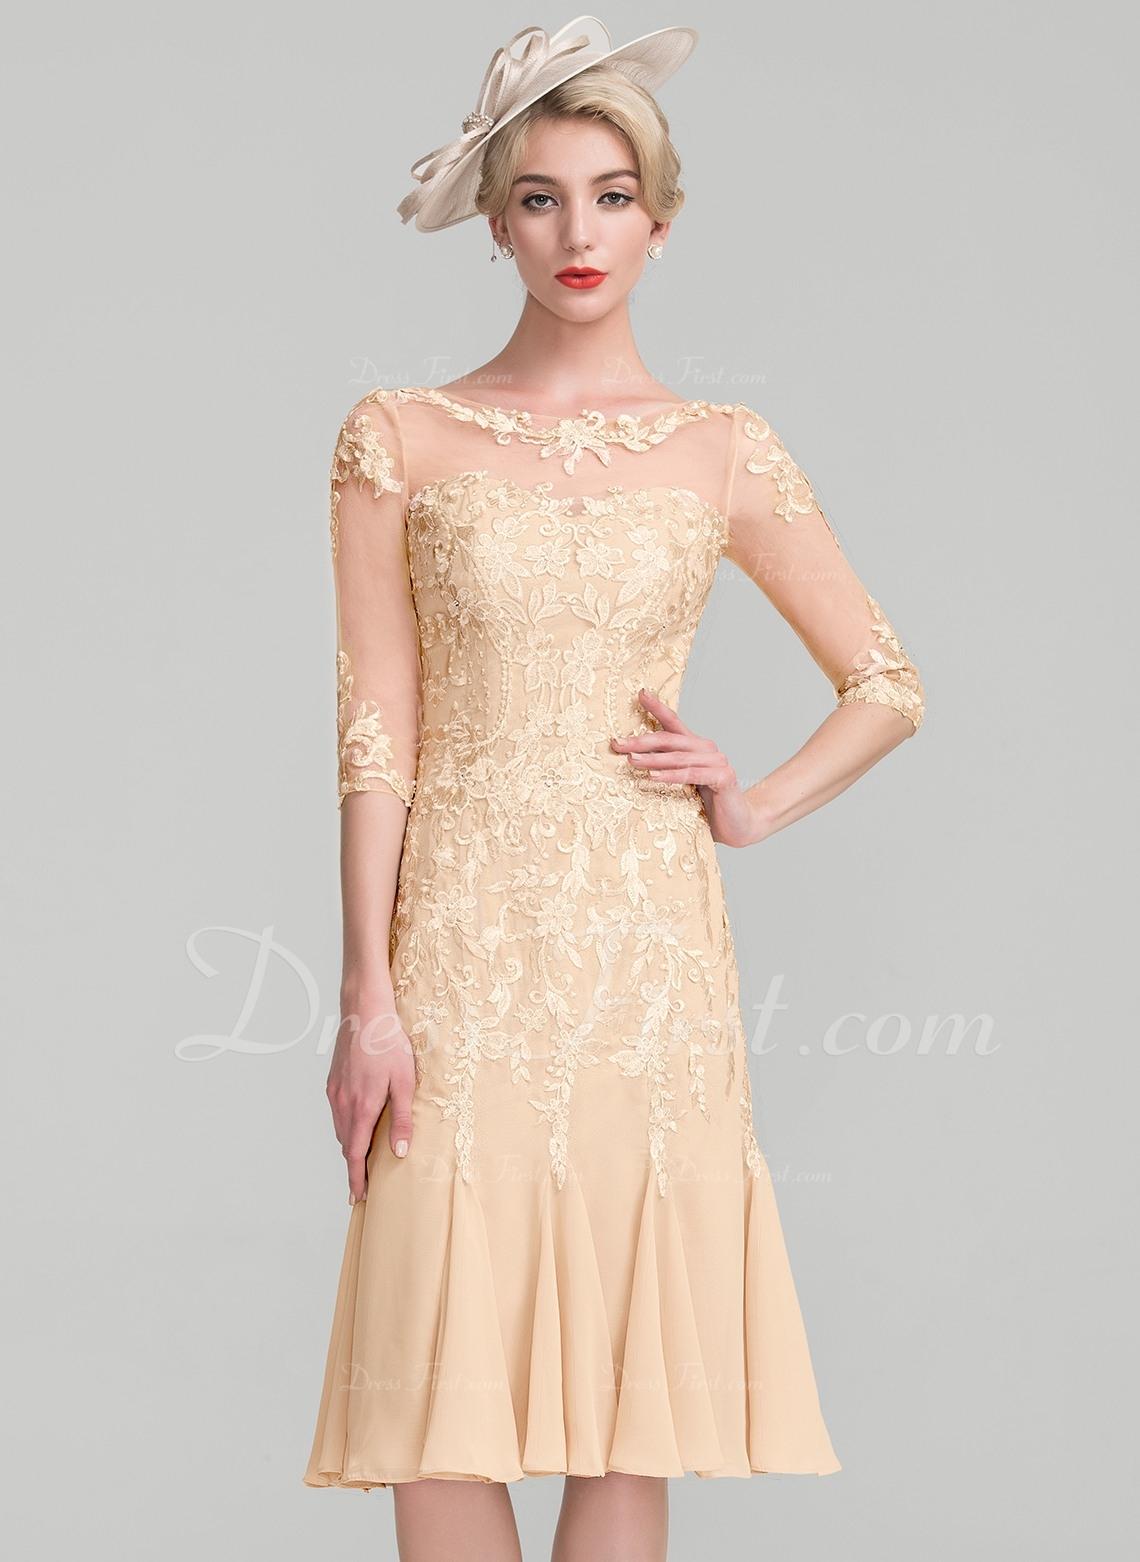 10 Spektakulär Kleid Brautmutter BoutiqueAbend Schön Kleid Brautmutter Spezialgebiet